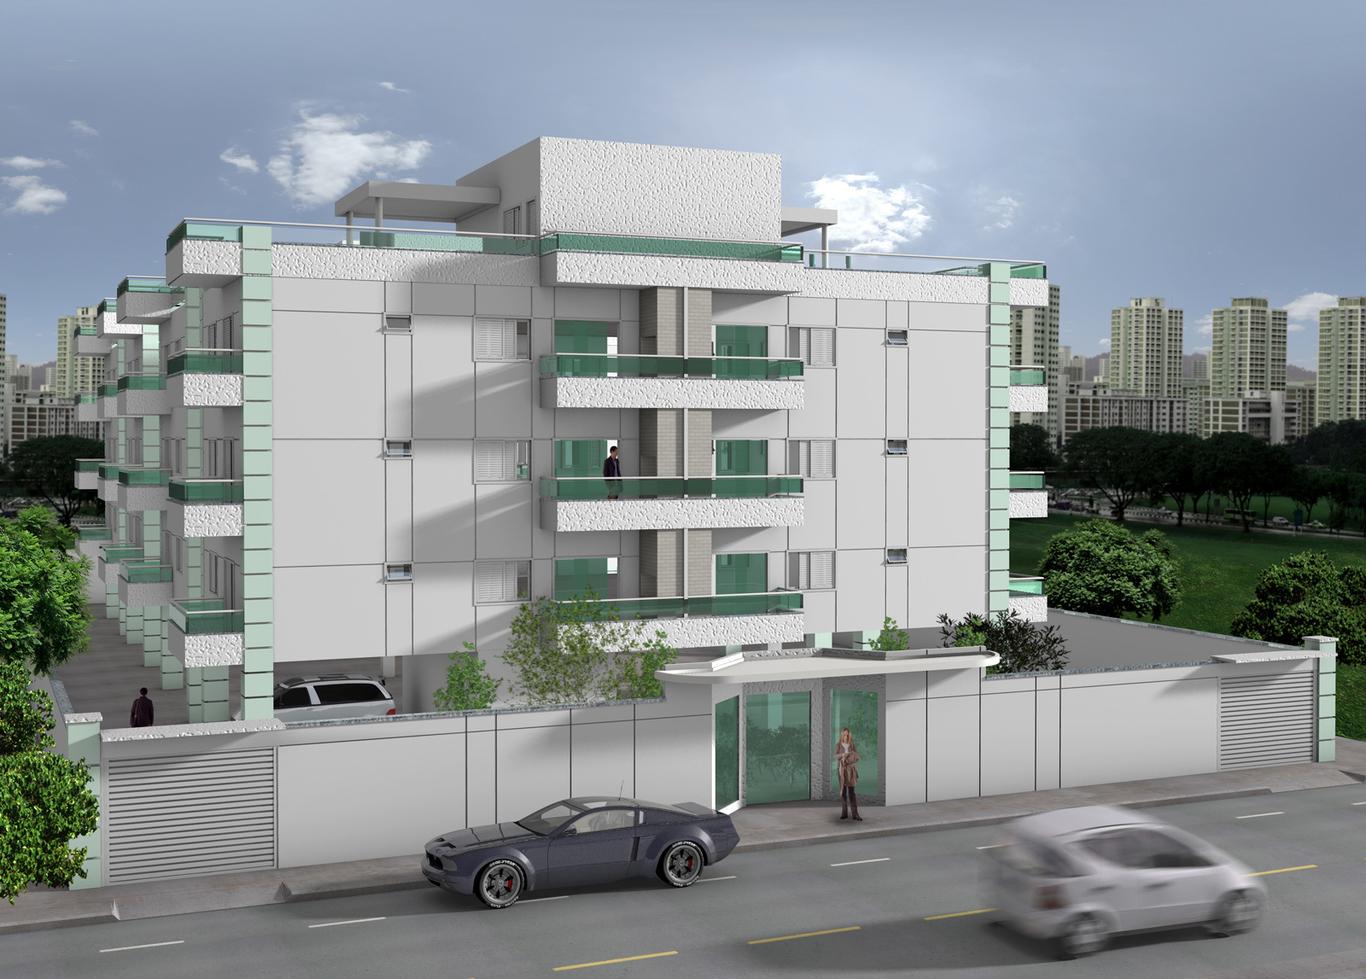 Bernardo neri green building 1 57df15a9 atz2